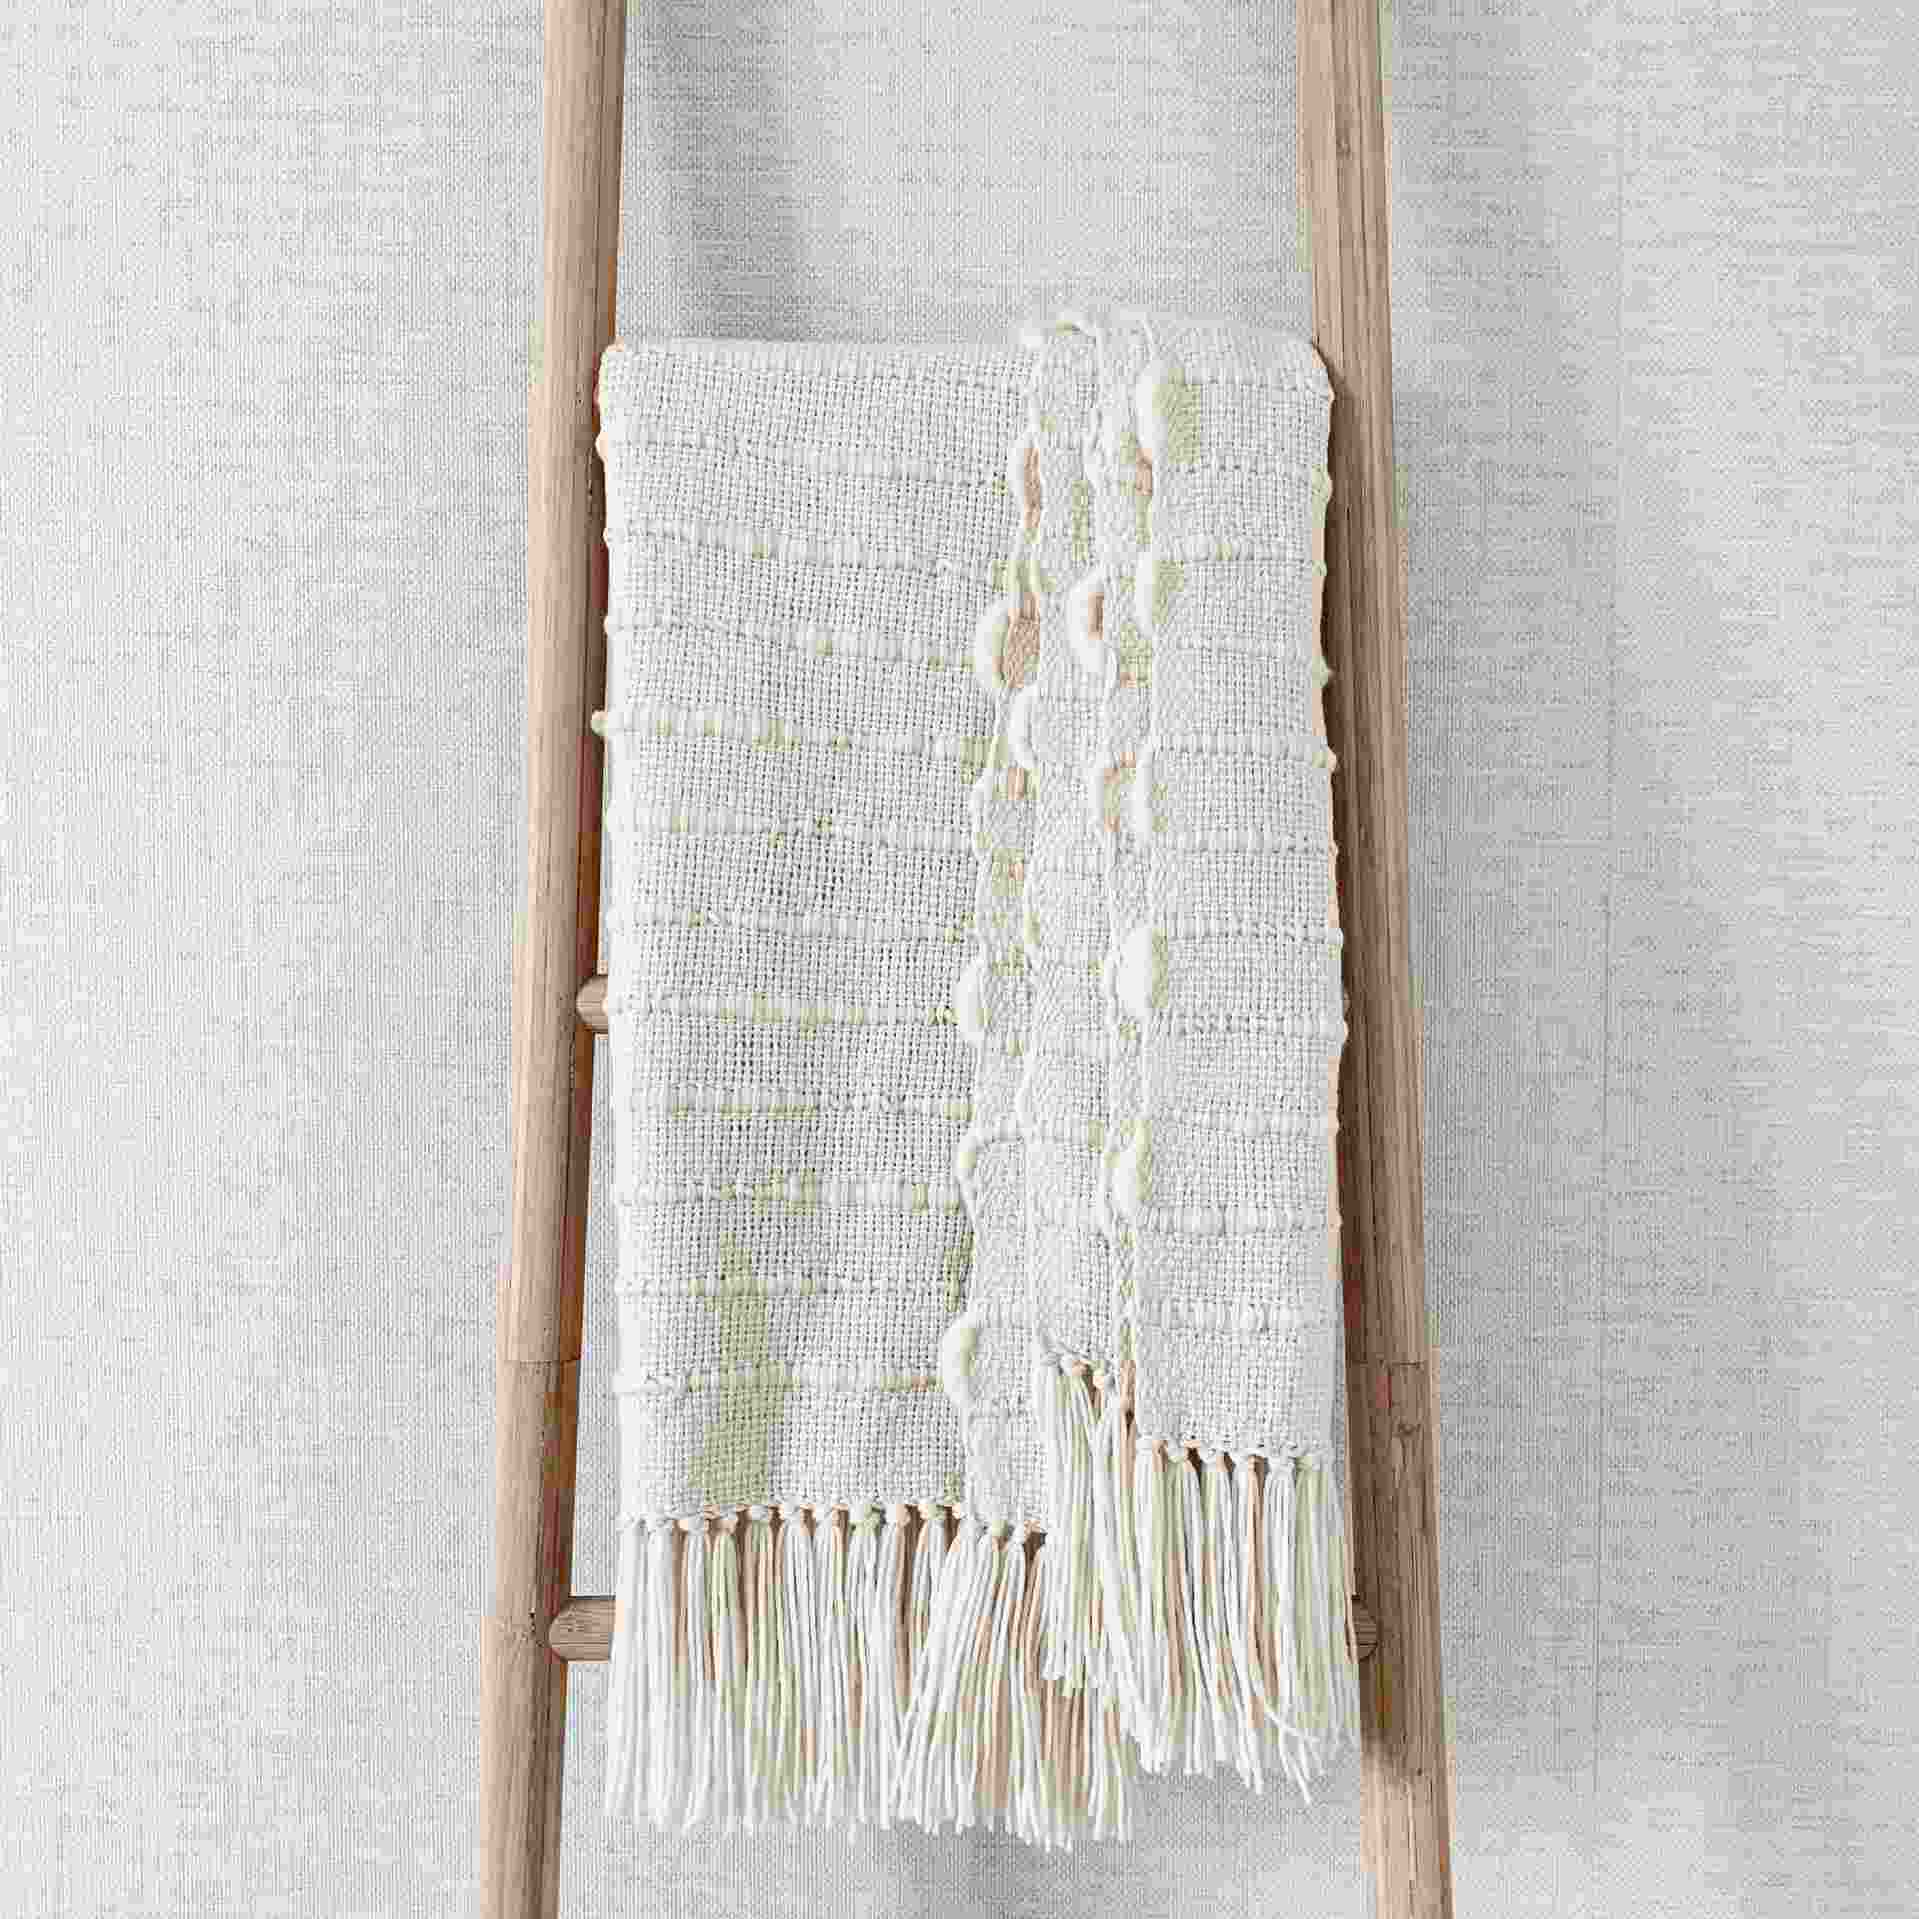 Pampa Merino - Ivory/Off White